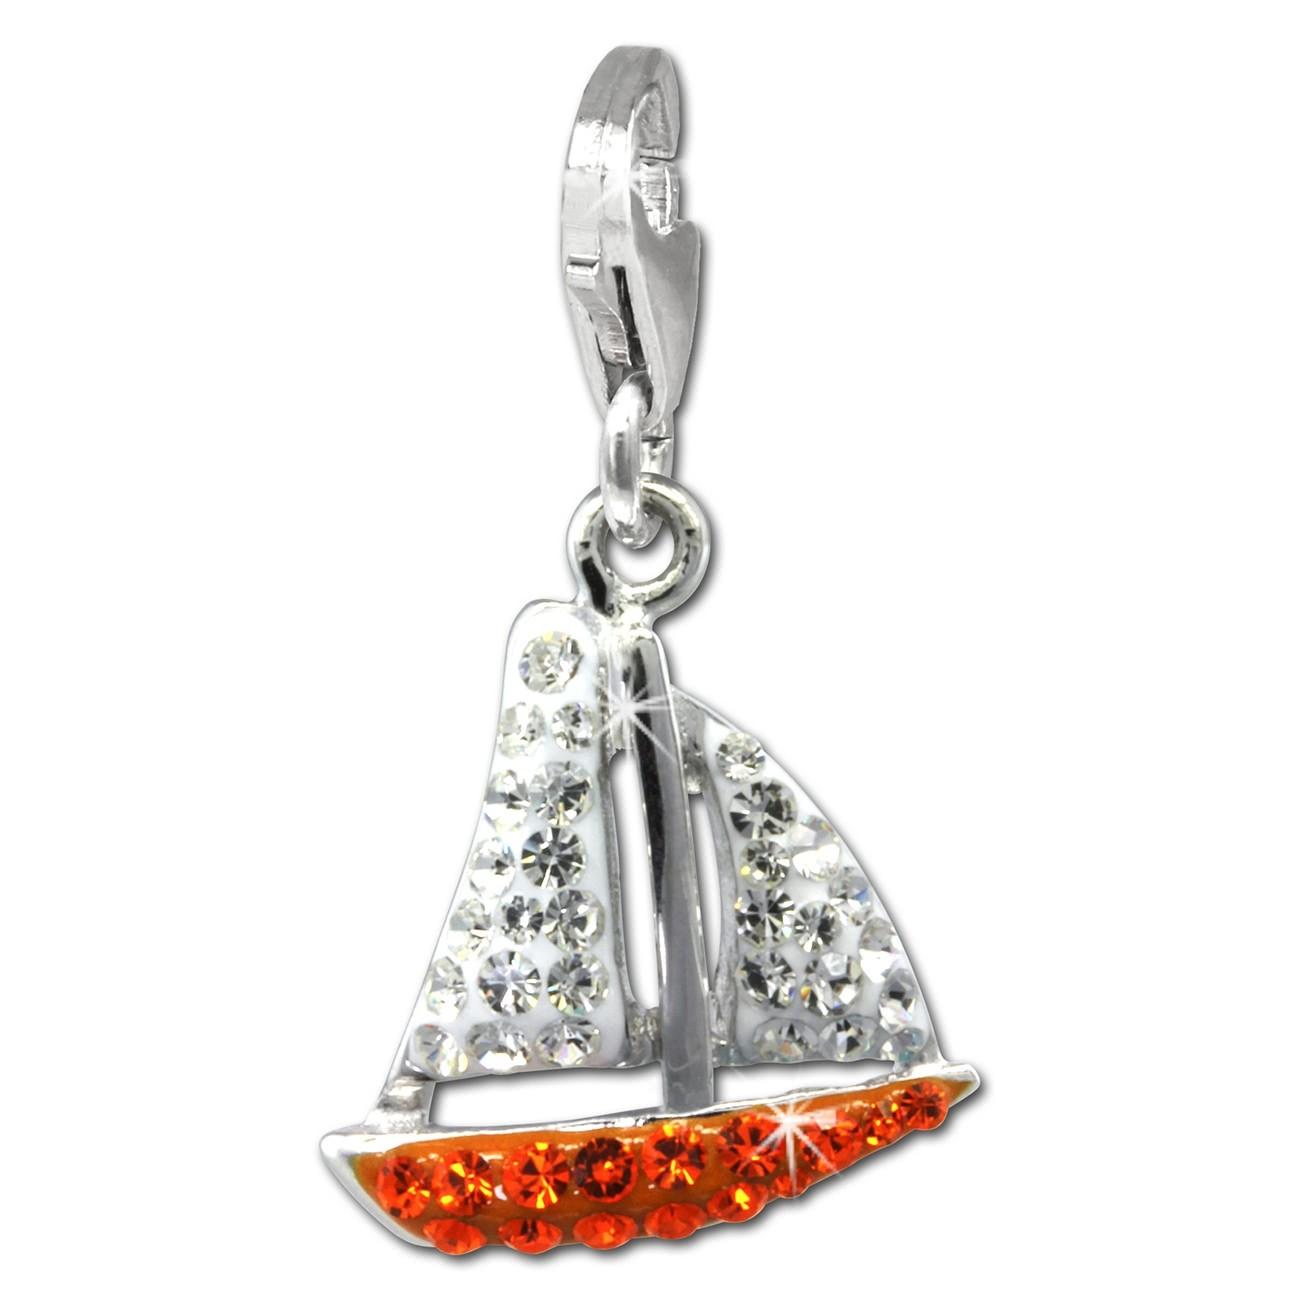 SilberDream Glitzer Charm Segelboot orange Zirkonia Kristalle GSC569O